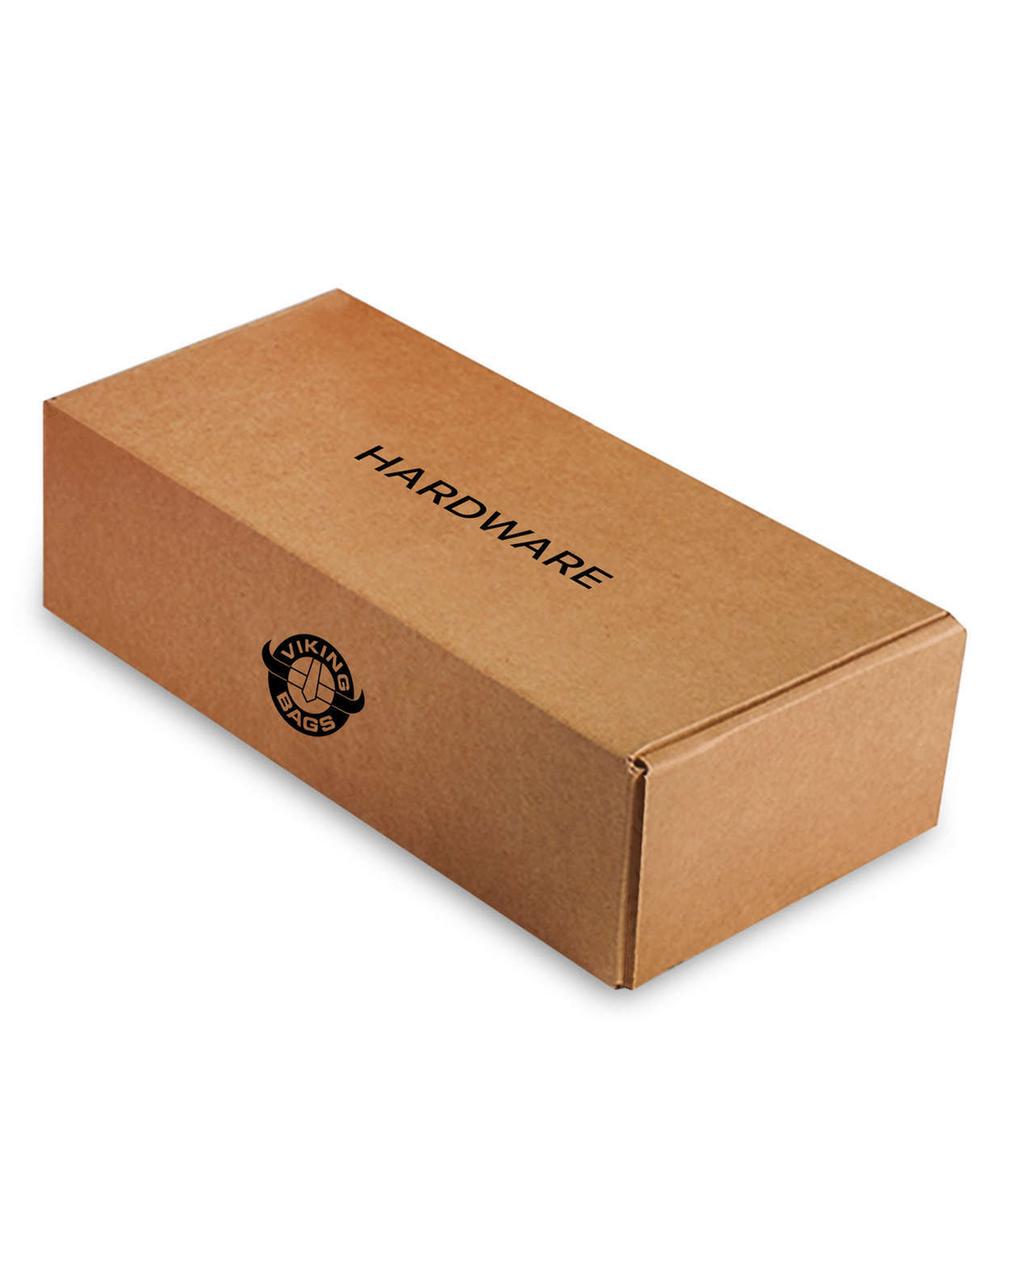 Triumph Thunderbird Shock Cutout Slanted Studded Large Motorcycle Saddlebags Hardware Box